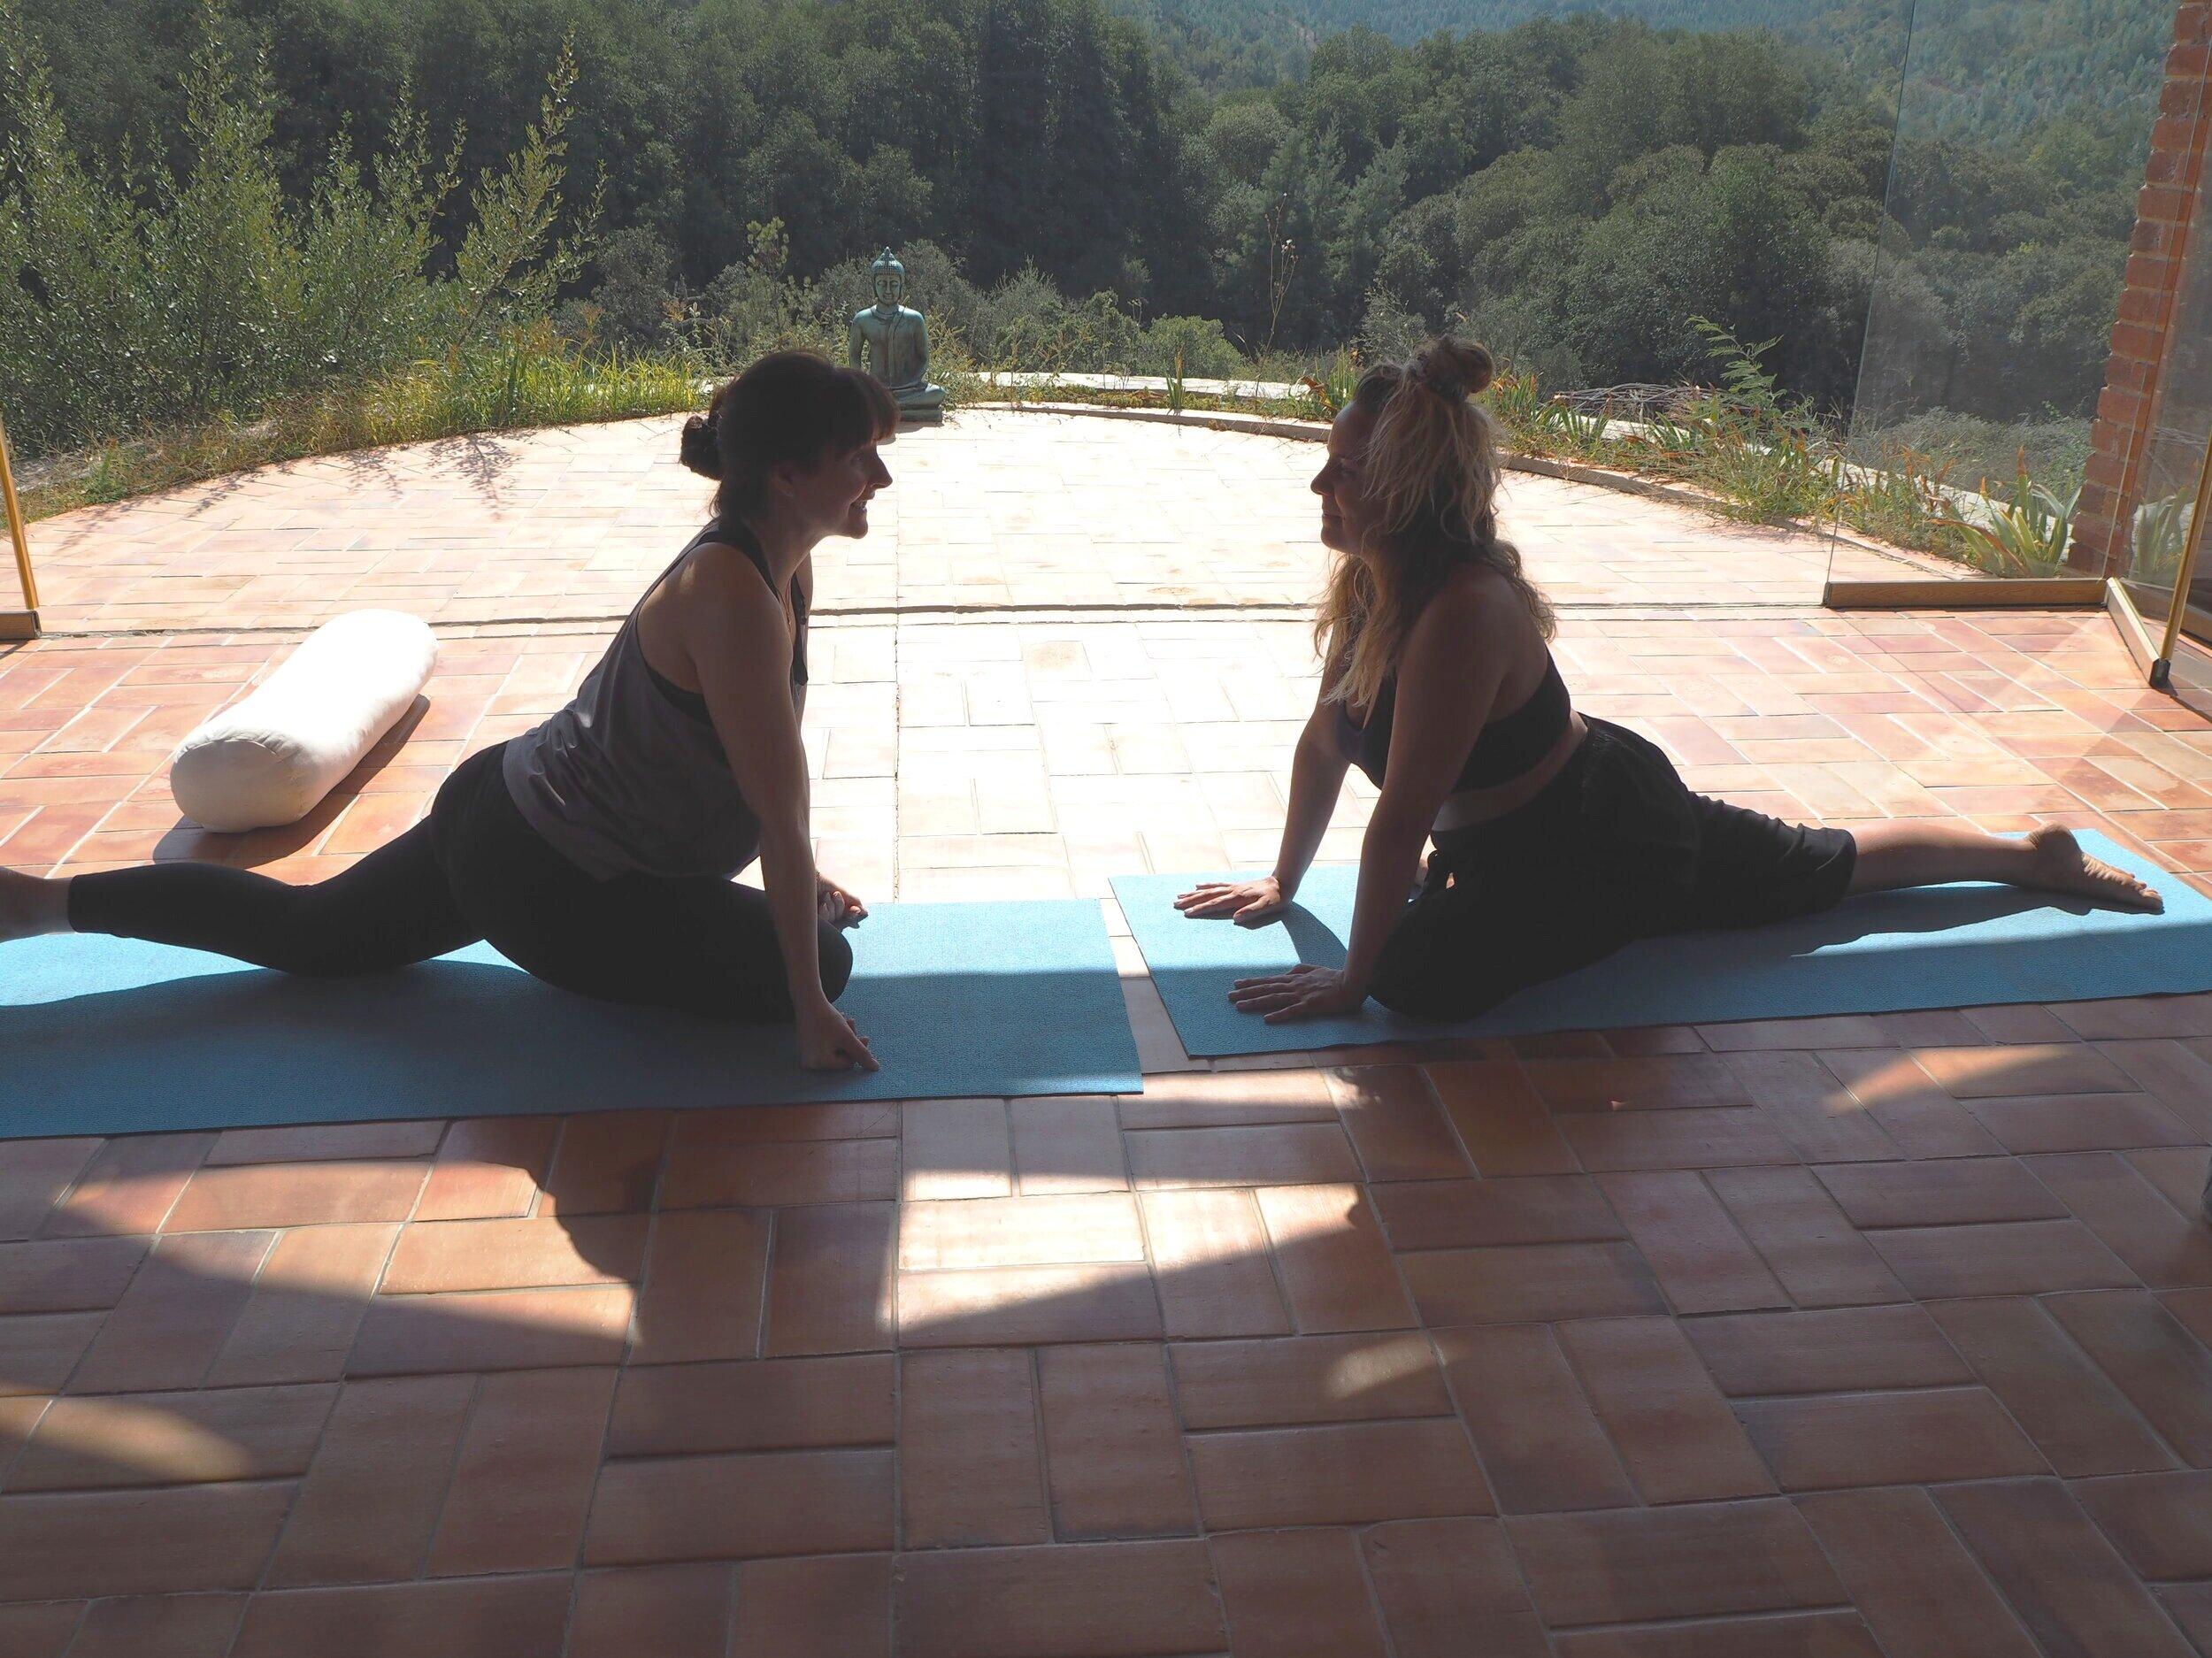 Practical+Magic+Retreat+Ibiza+2020+Qoya+teacher+training